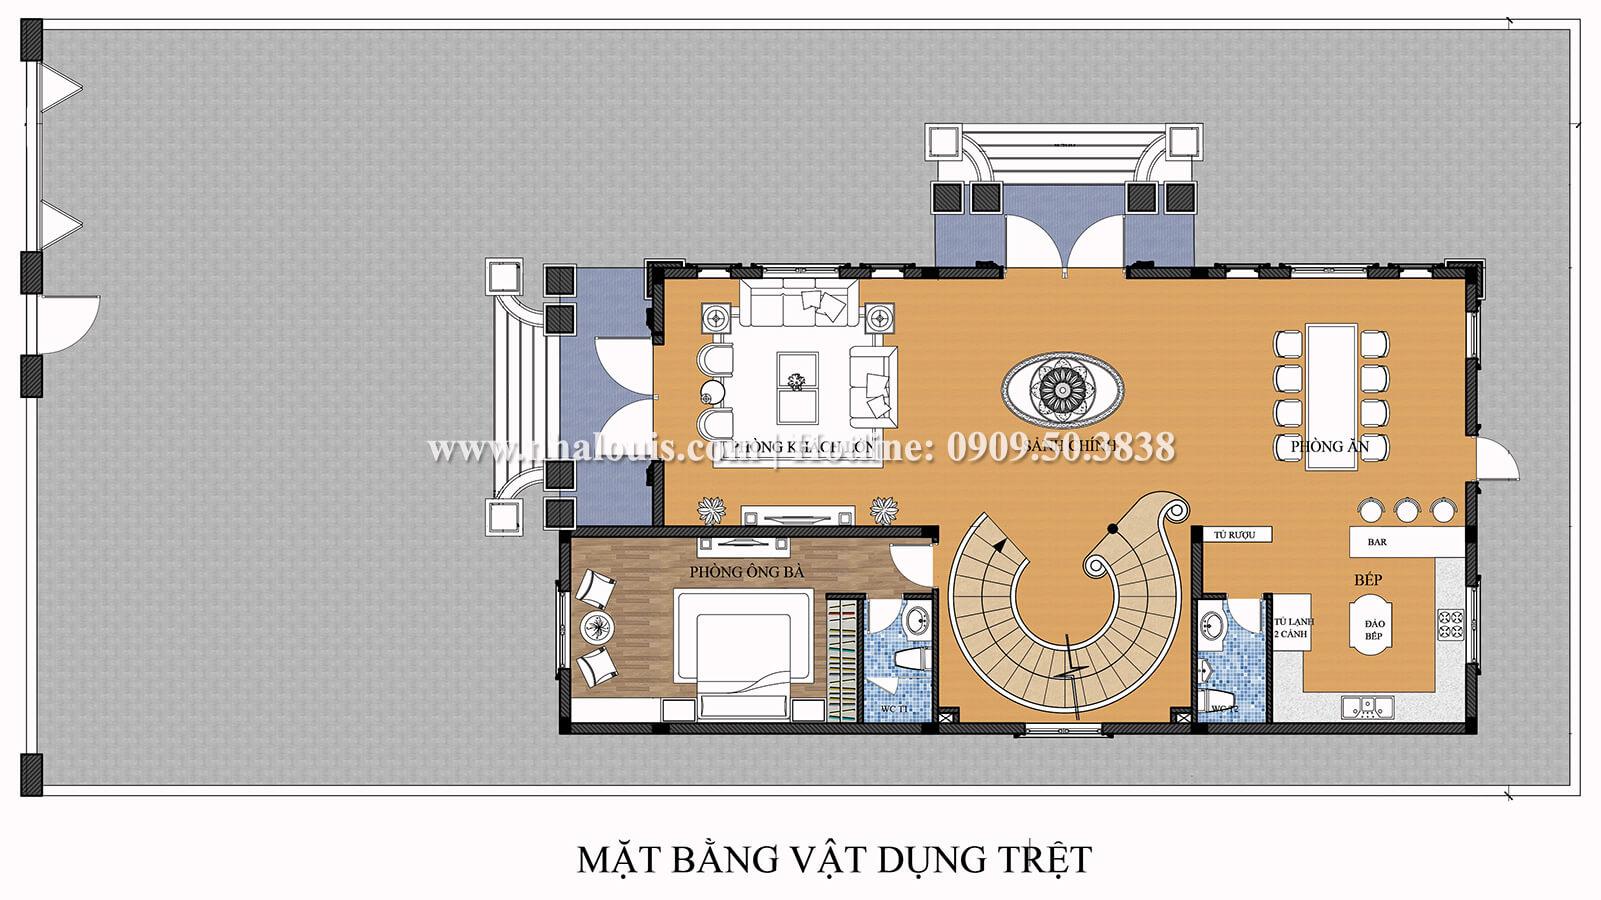 Mặt bằng tầng trệt Thiết kế biệt thự 9x15m cổ điển sang trọng tại Thanh Hóa